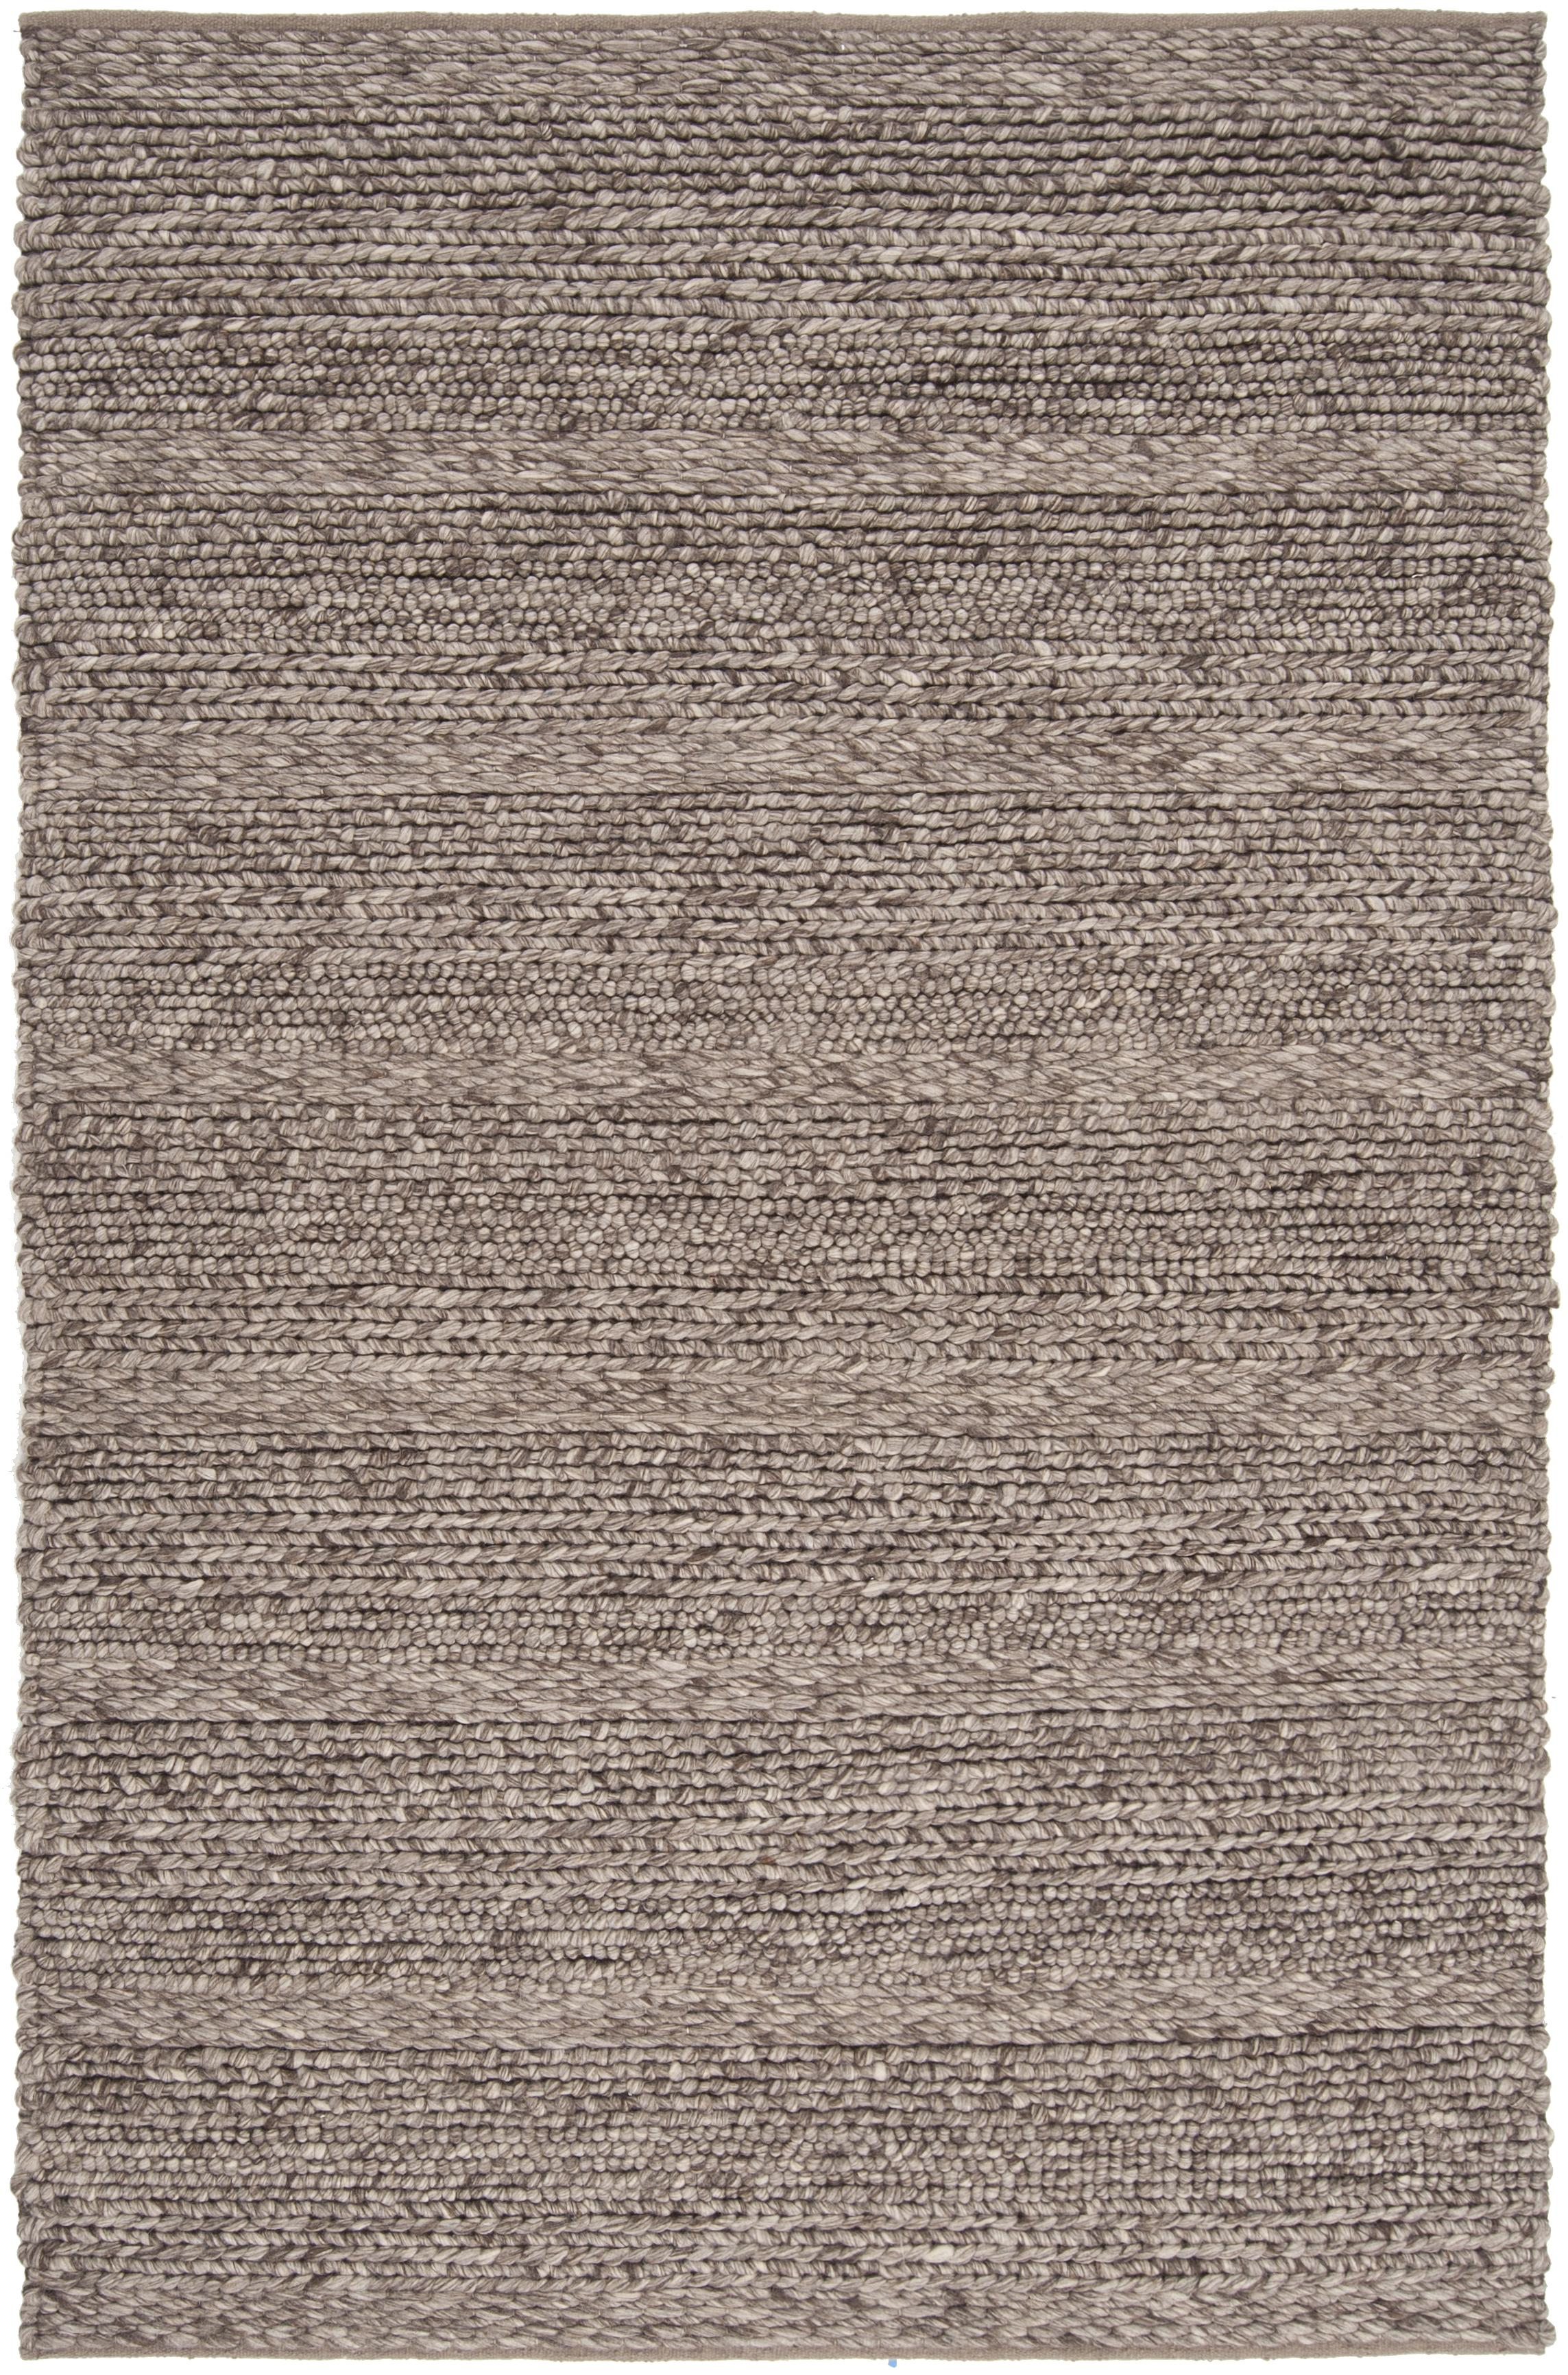 Surya Rugs Tahoe 9' x 13' - Item Number: TAH3705-913